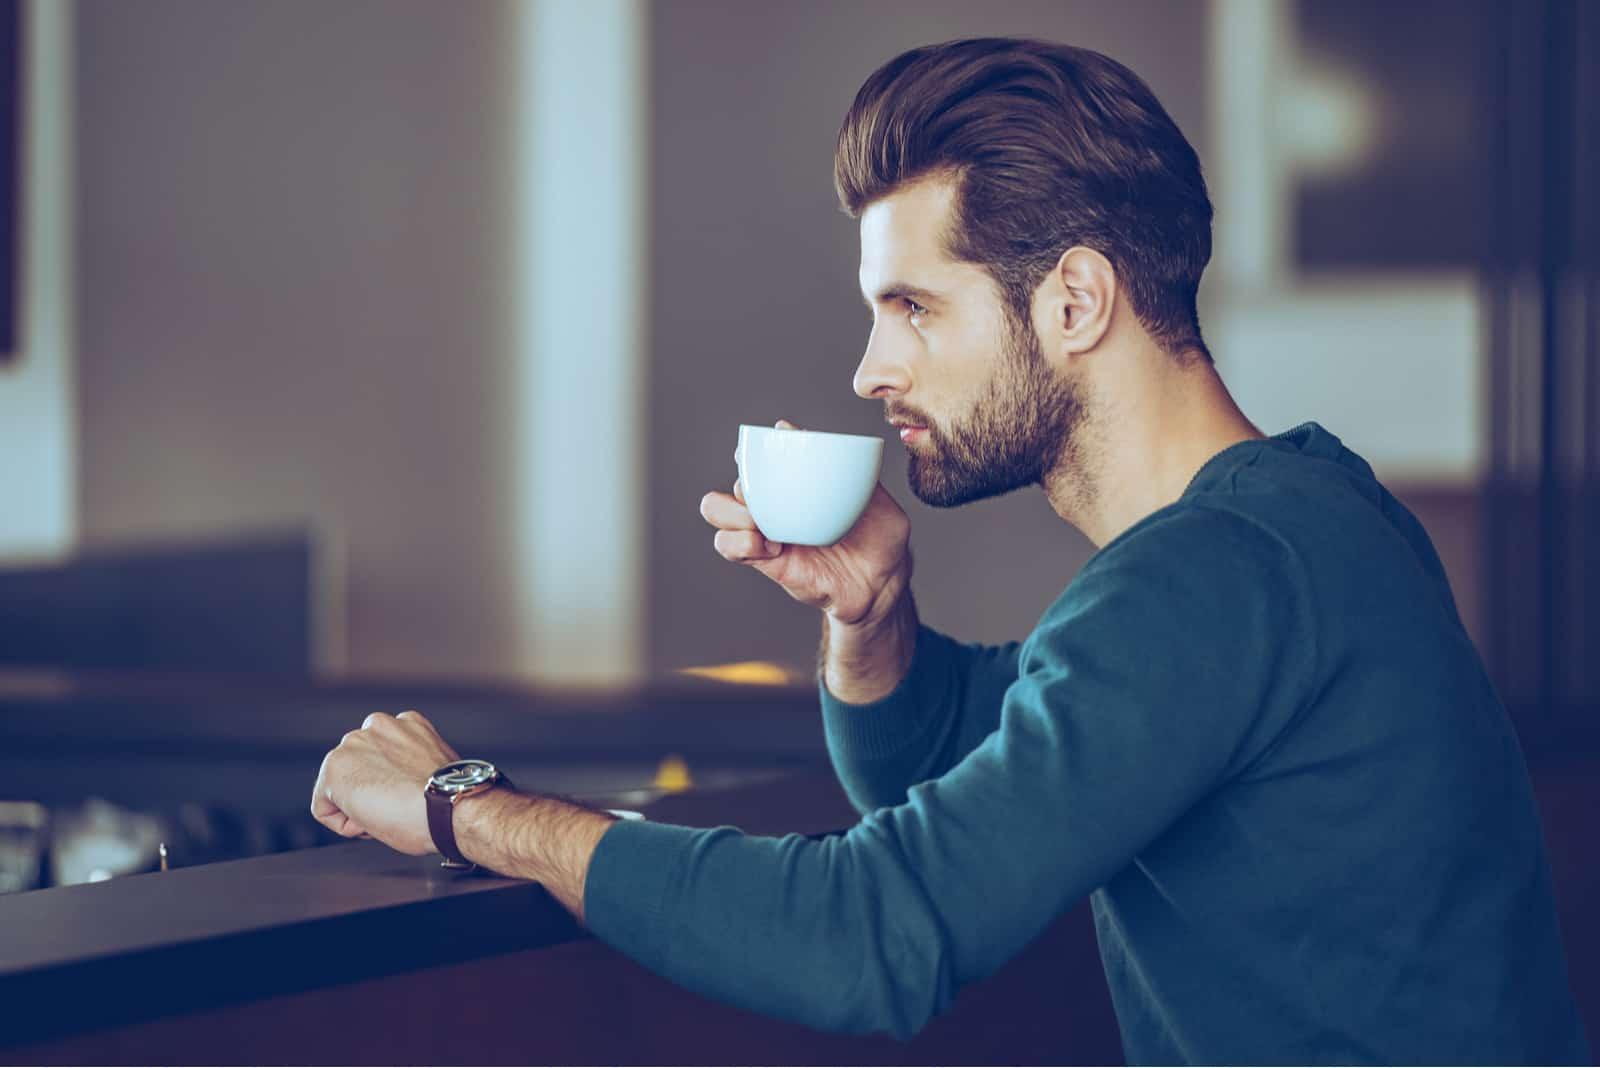 hübscher junger Mann, der Kaffee trinkt